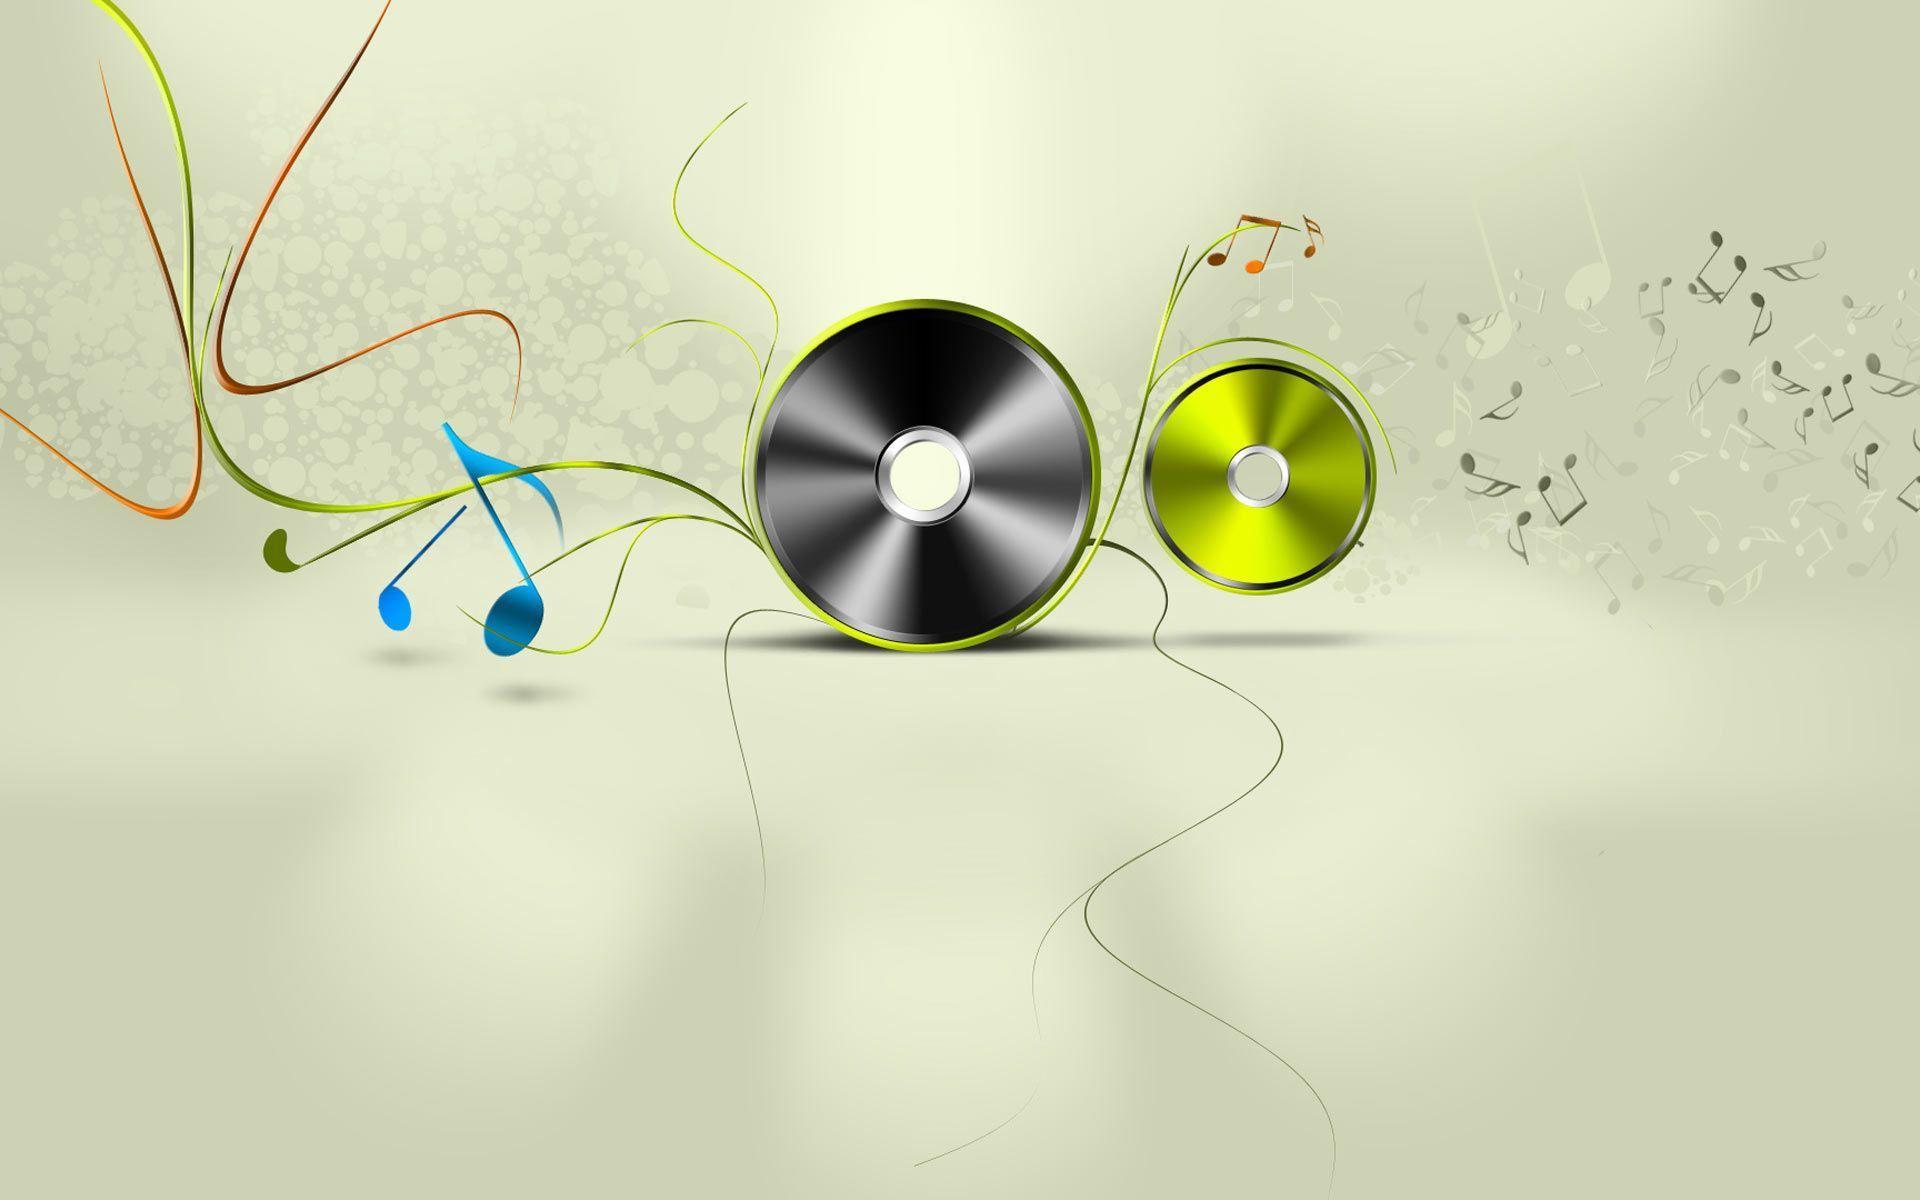 Top Wallpaper Mac Music - ojaOQEx  HD_624334.jpg